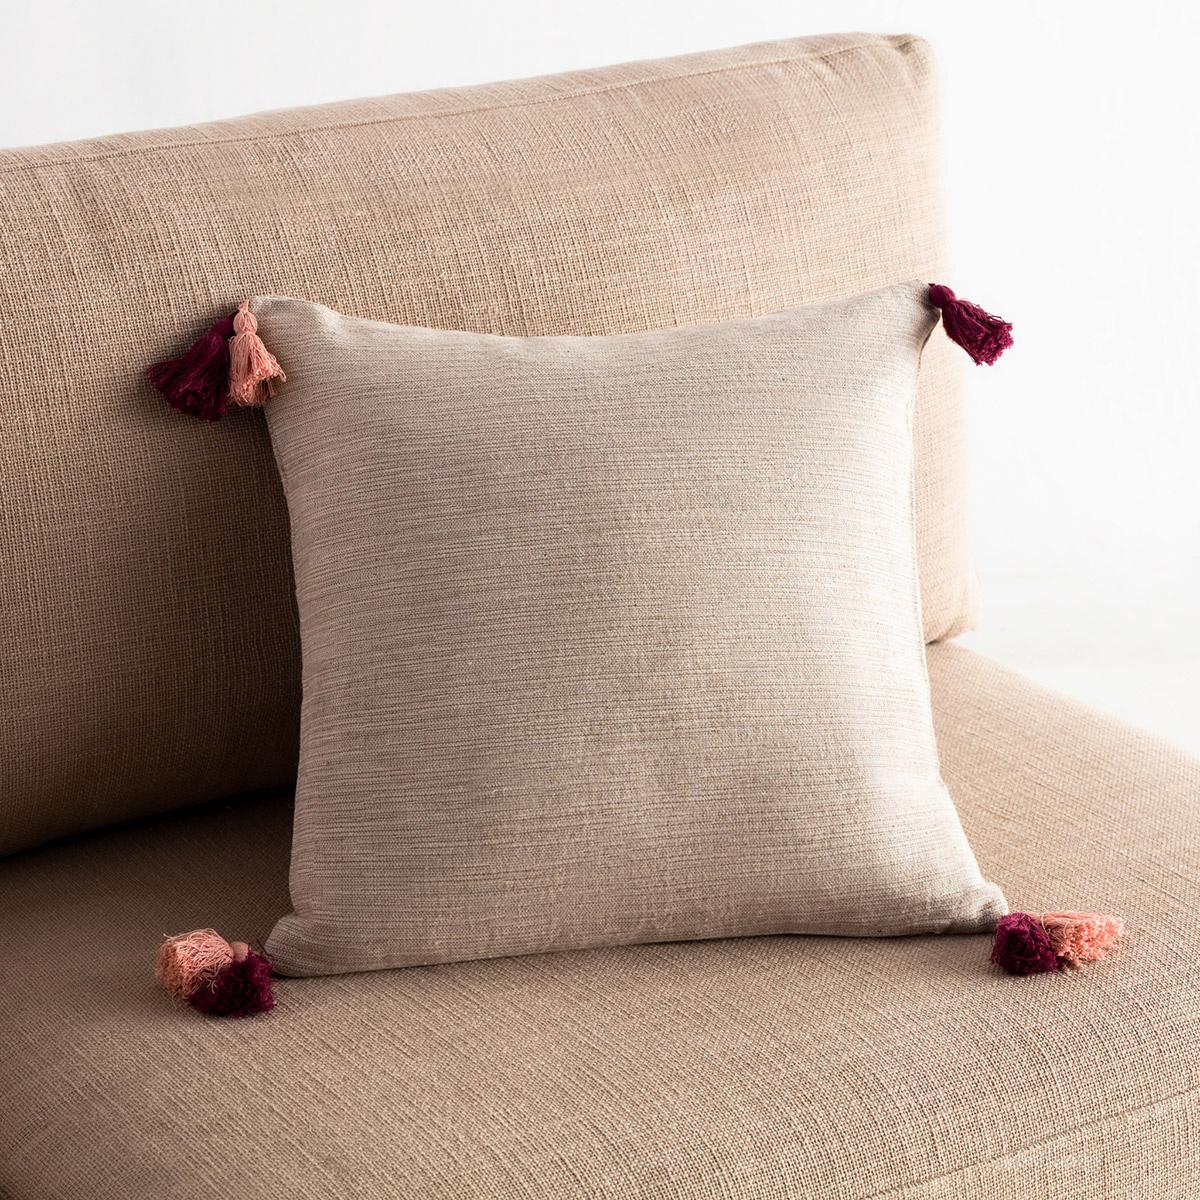 Διακοσμητική Μαξιλαροθήκη (43×43) Gofis Home Trace Red Leather/Σομόν 467/02